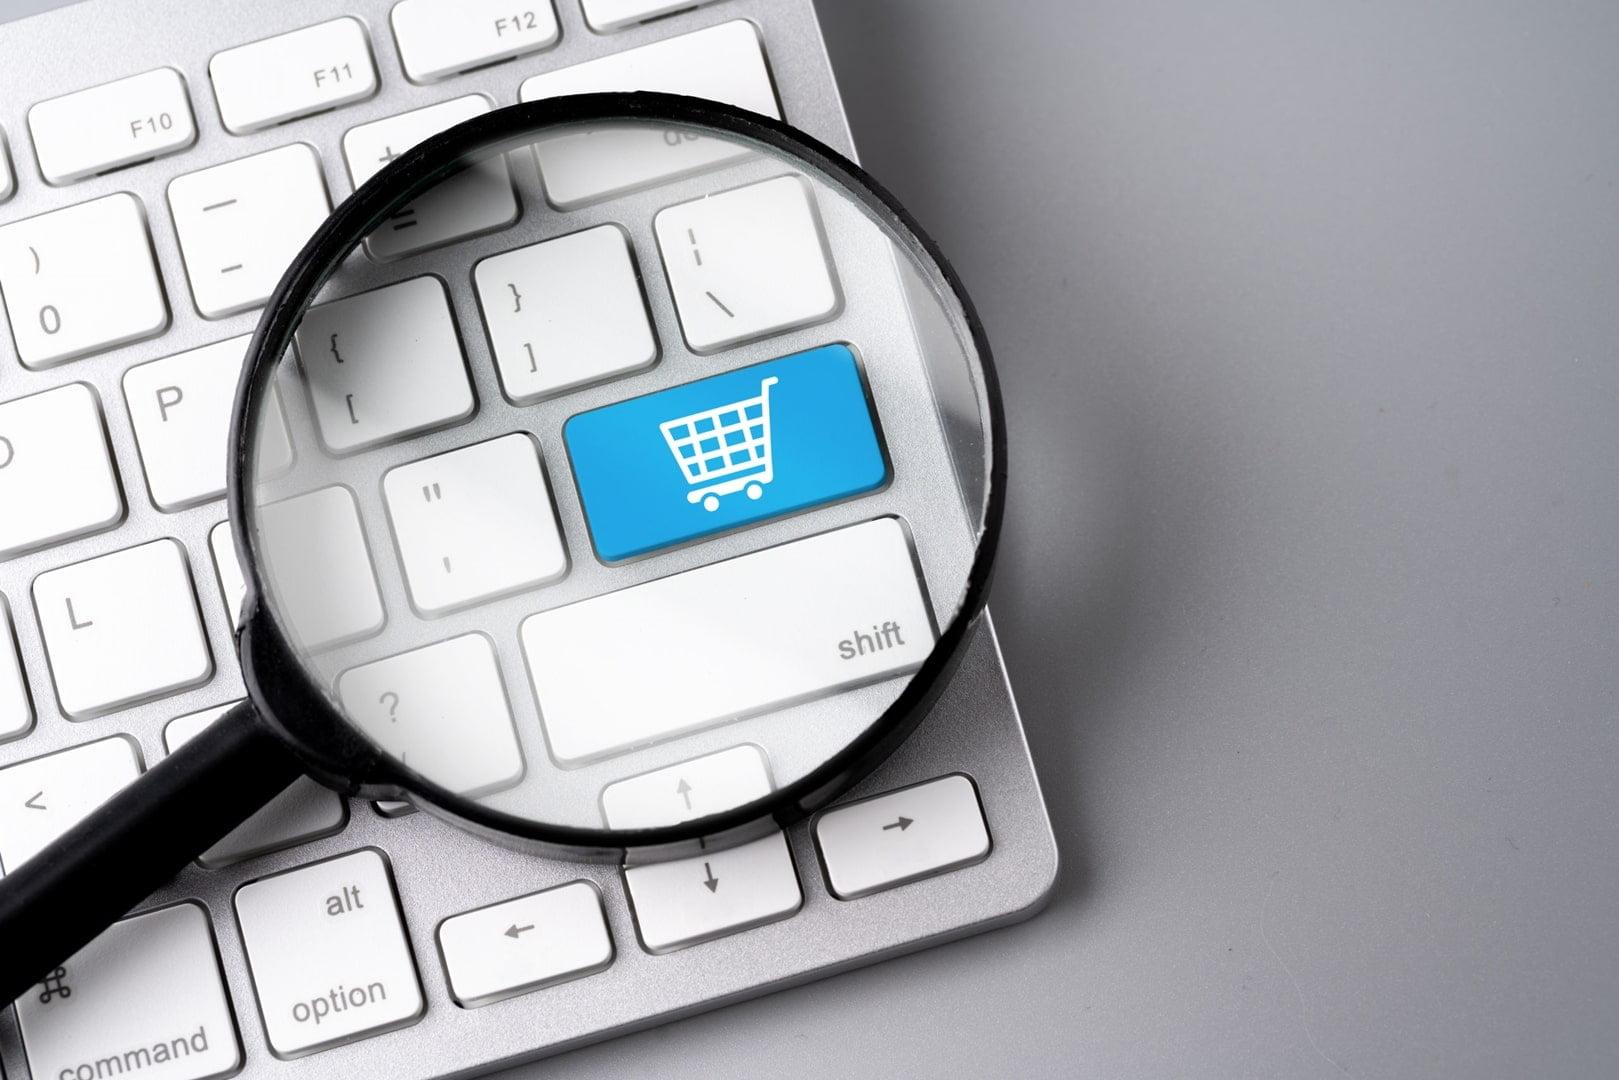 E Ticaret Sitesi Kurmak İçin Gerekenler Nelerdir? 2 | Kemal Acar